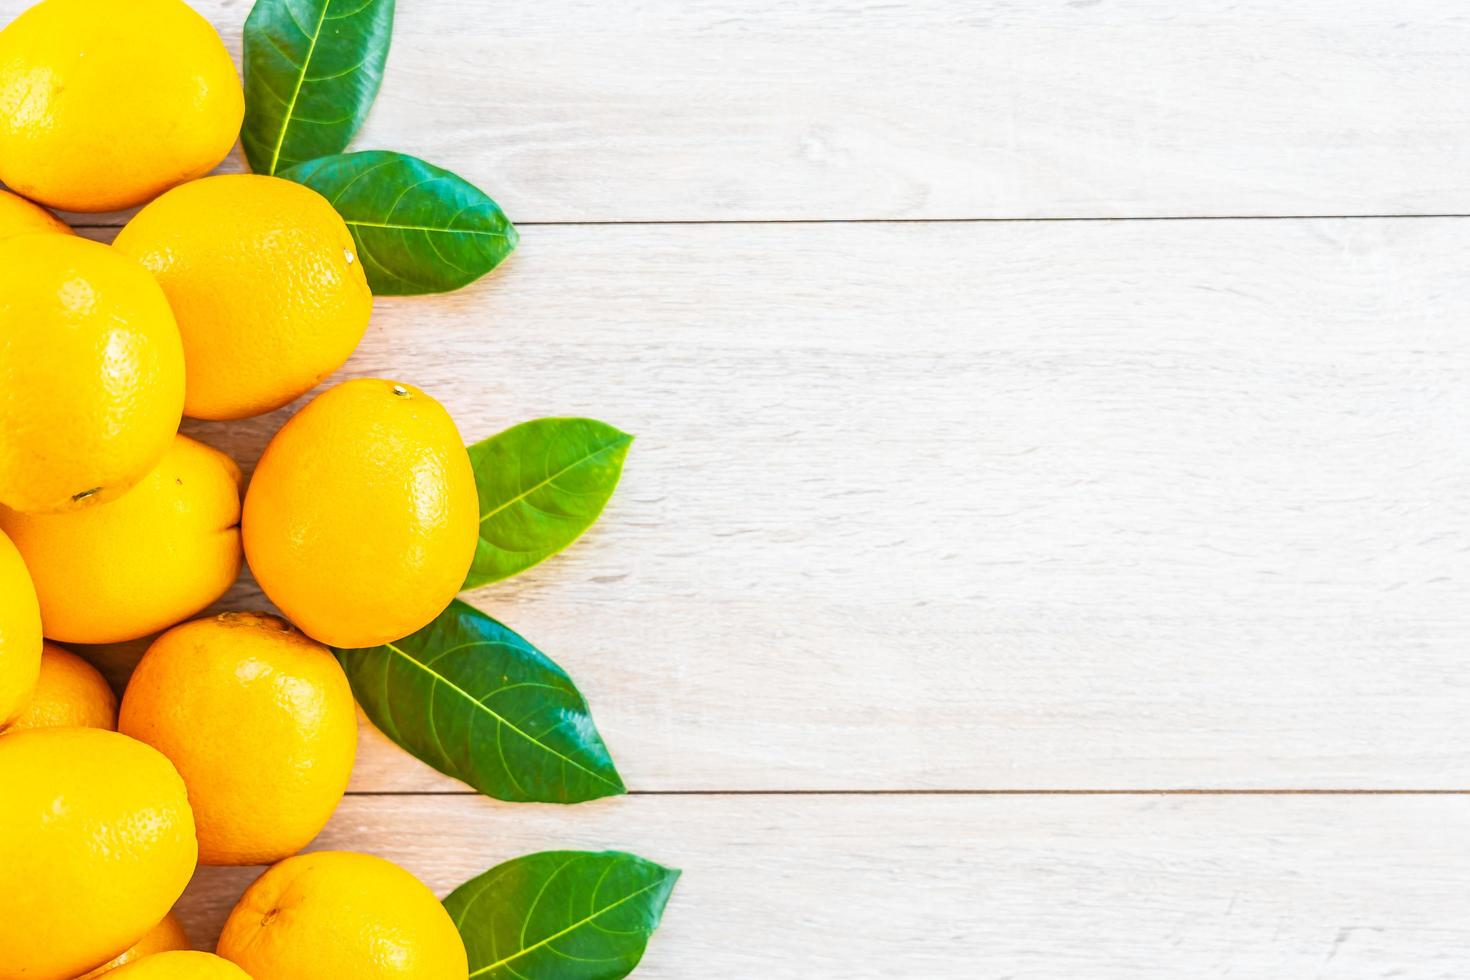 verse sinaasappelen op tafel foto